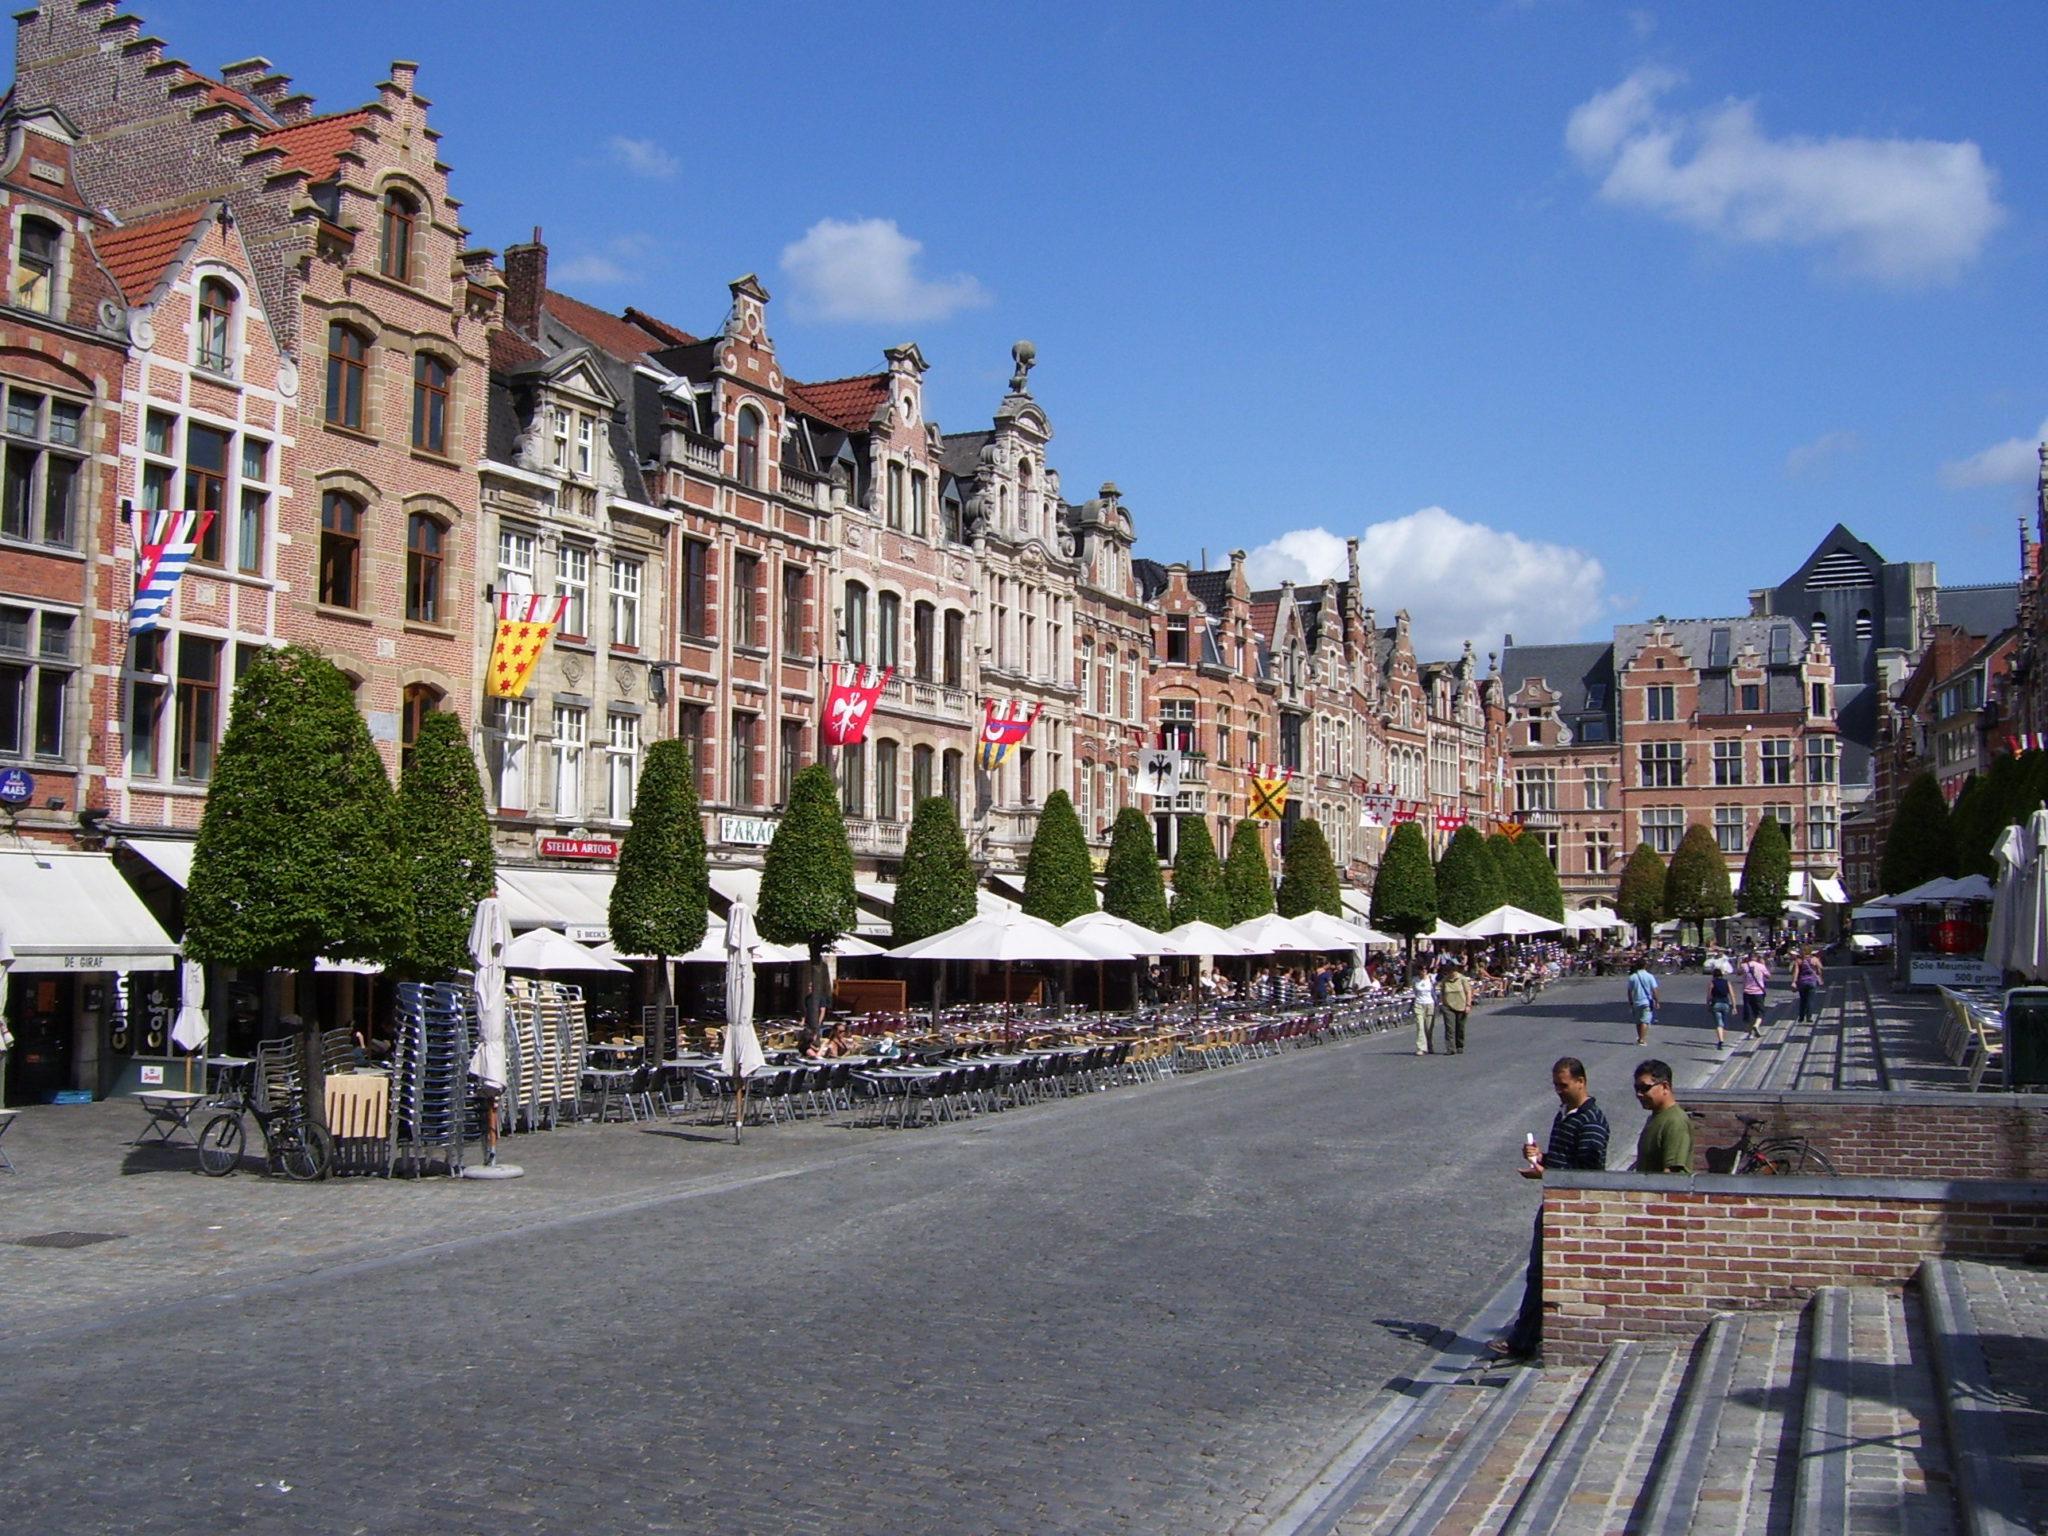 Eten we deze winter 'zwaan' in Leuven?